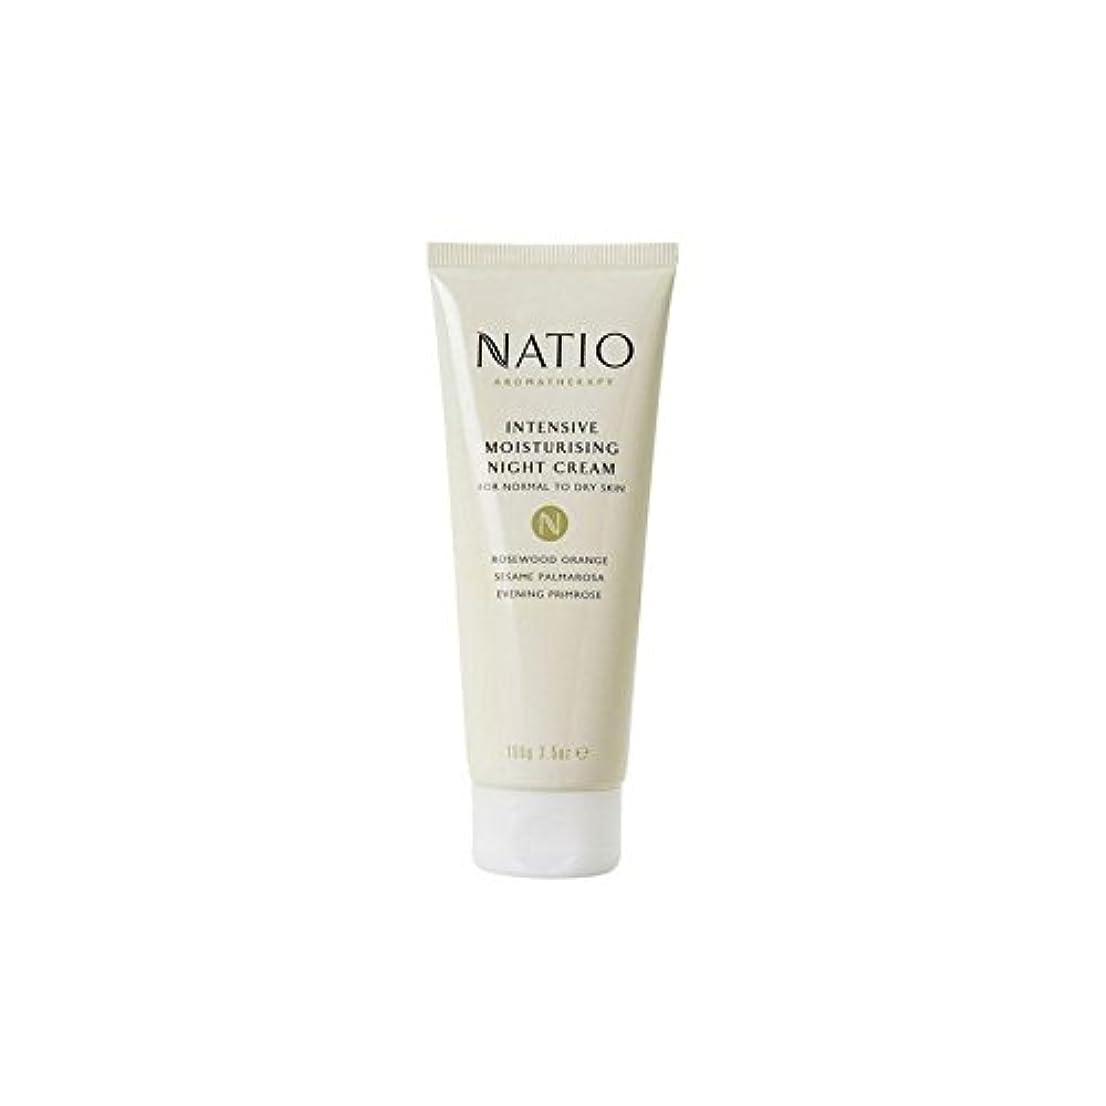 チューブキュービックヒューズ集中的な保湿ナイトクリーム(100グラム) x2 - Natio Intensive Moisturising Night Cream (100G) (Pack of 2) [並行輸入品]